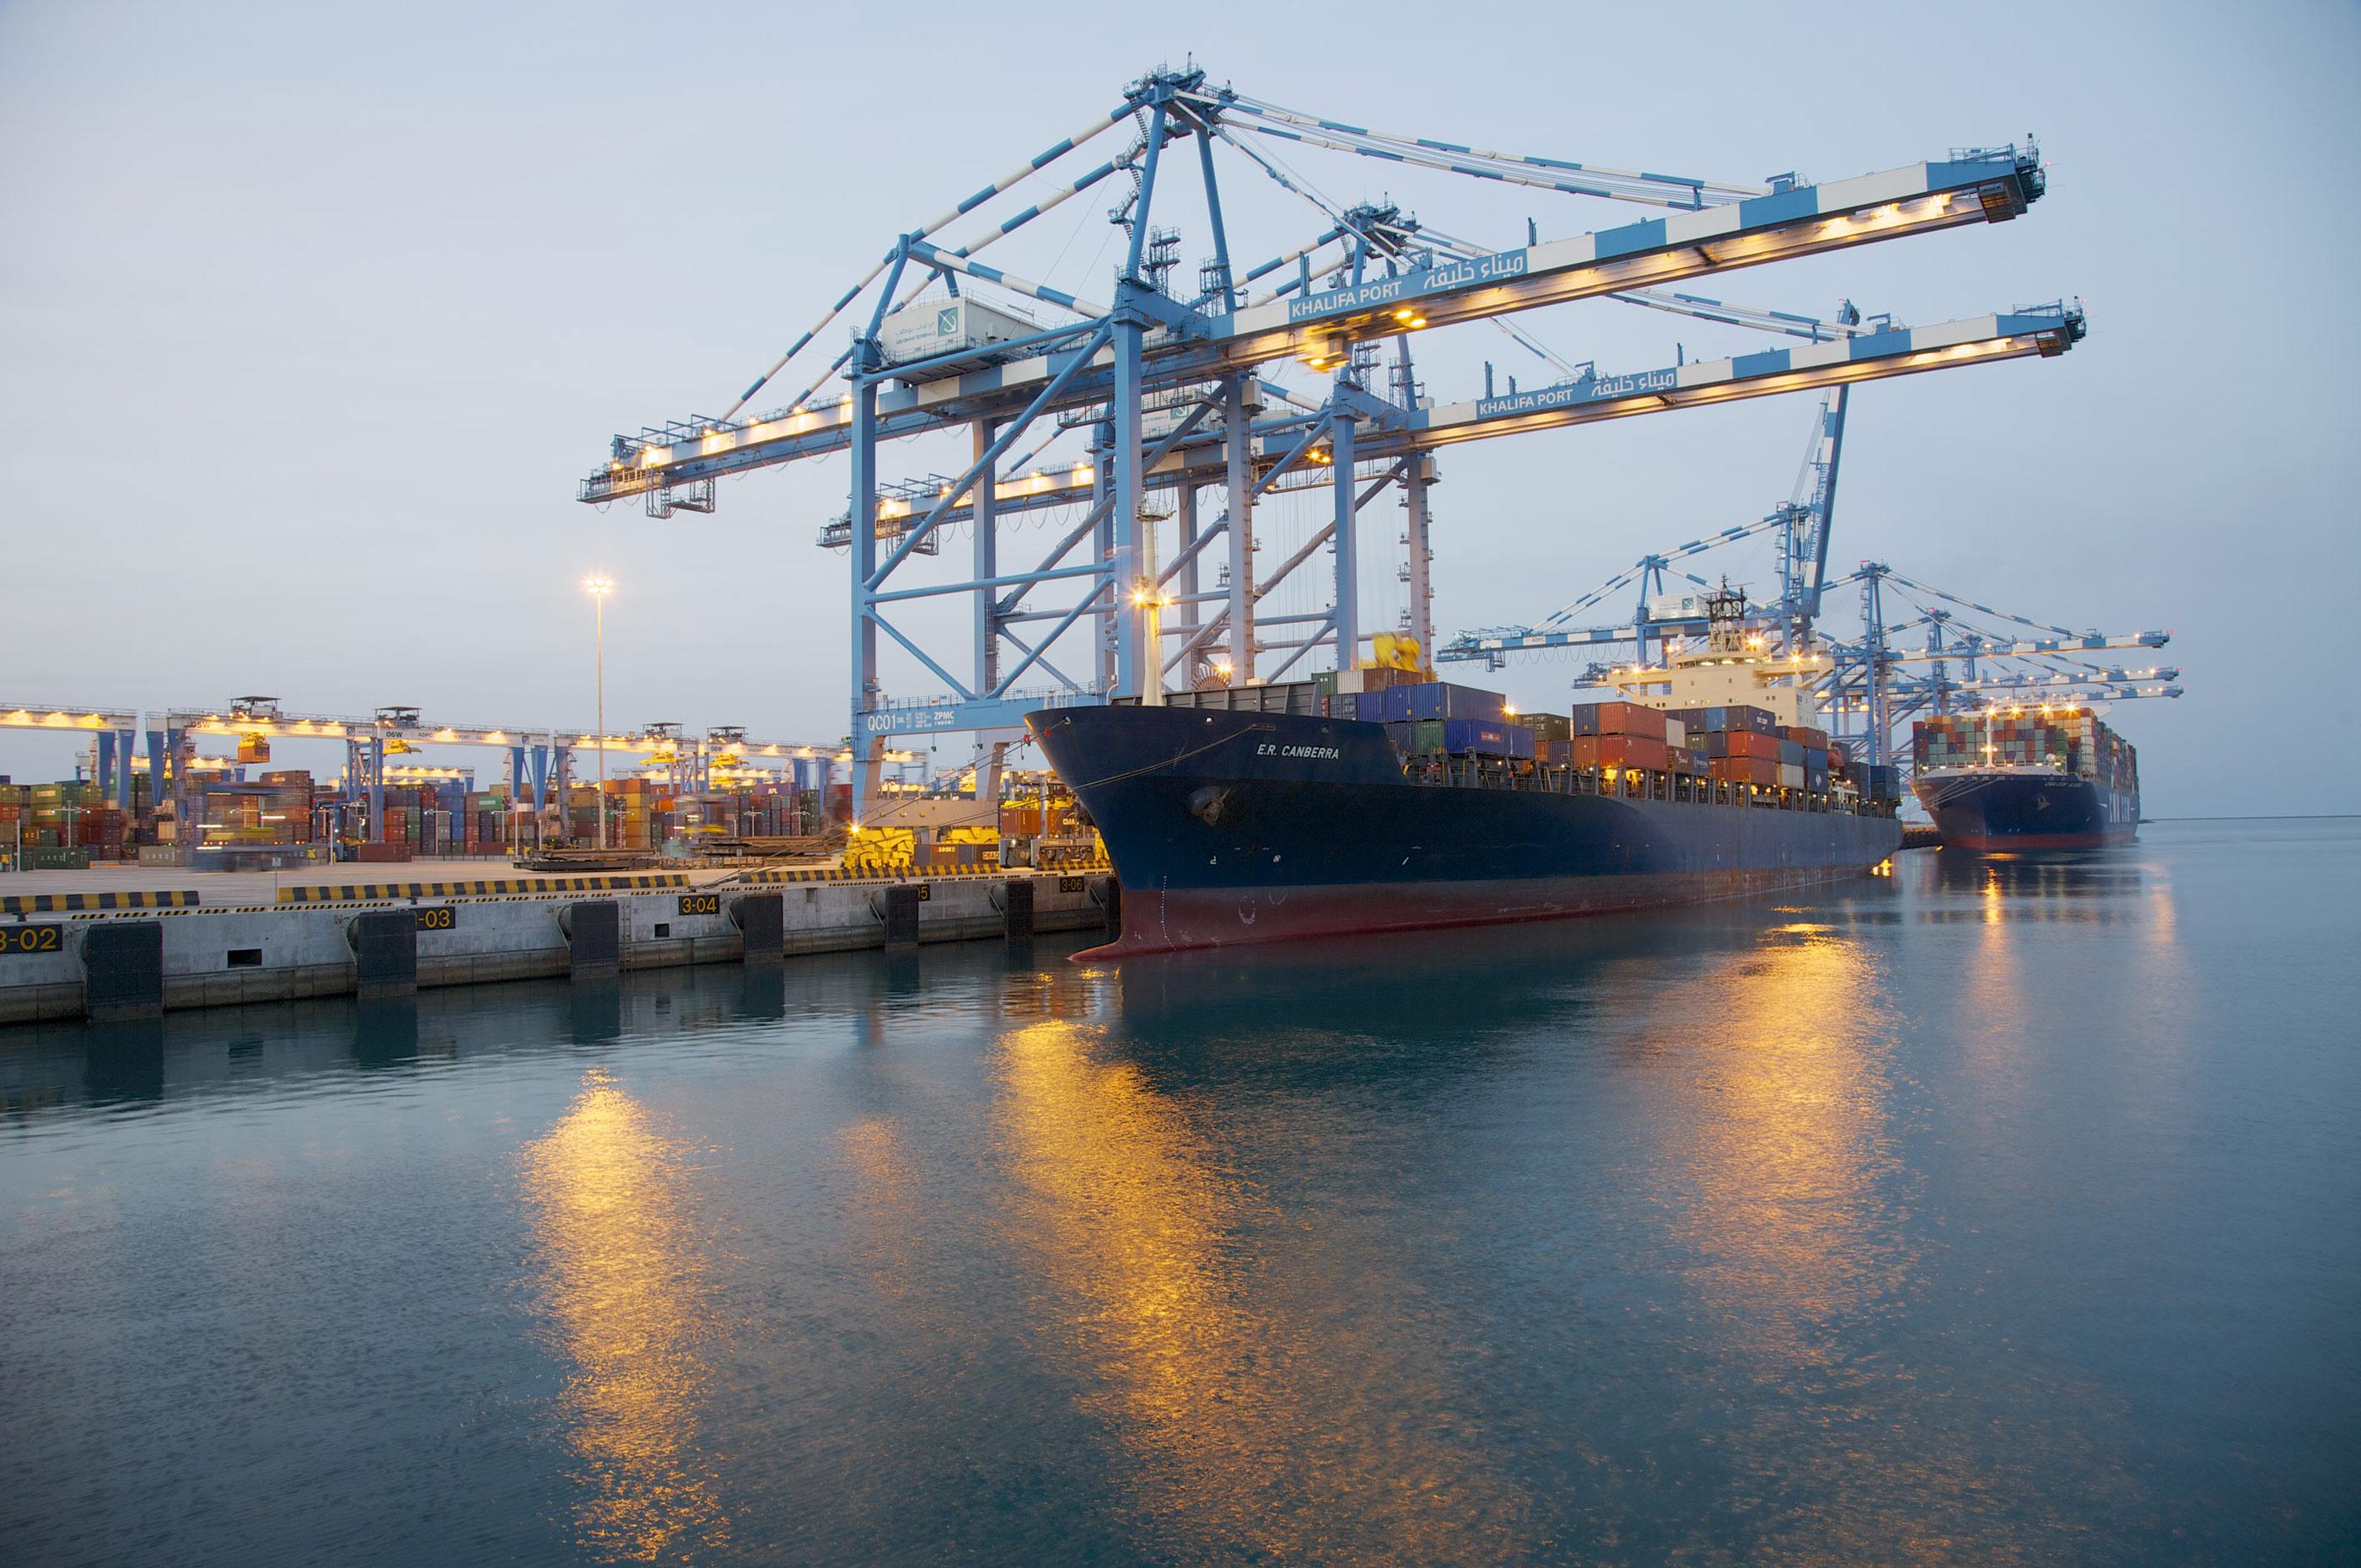 موانئ أبوظبي تسجل زيادة في عدد الحاويات خلال 2014